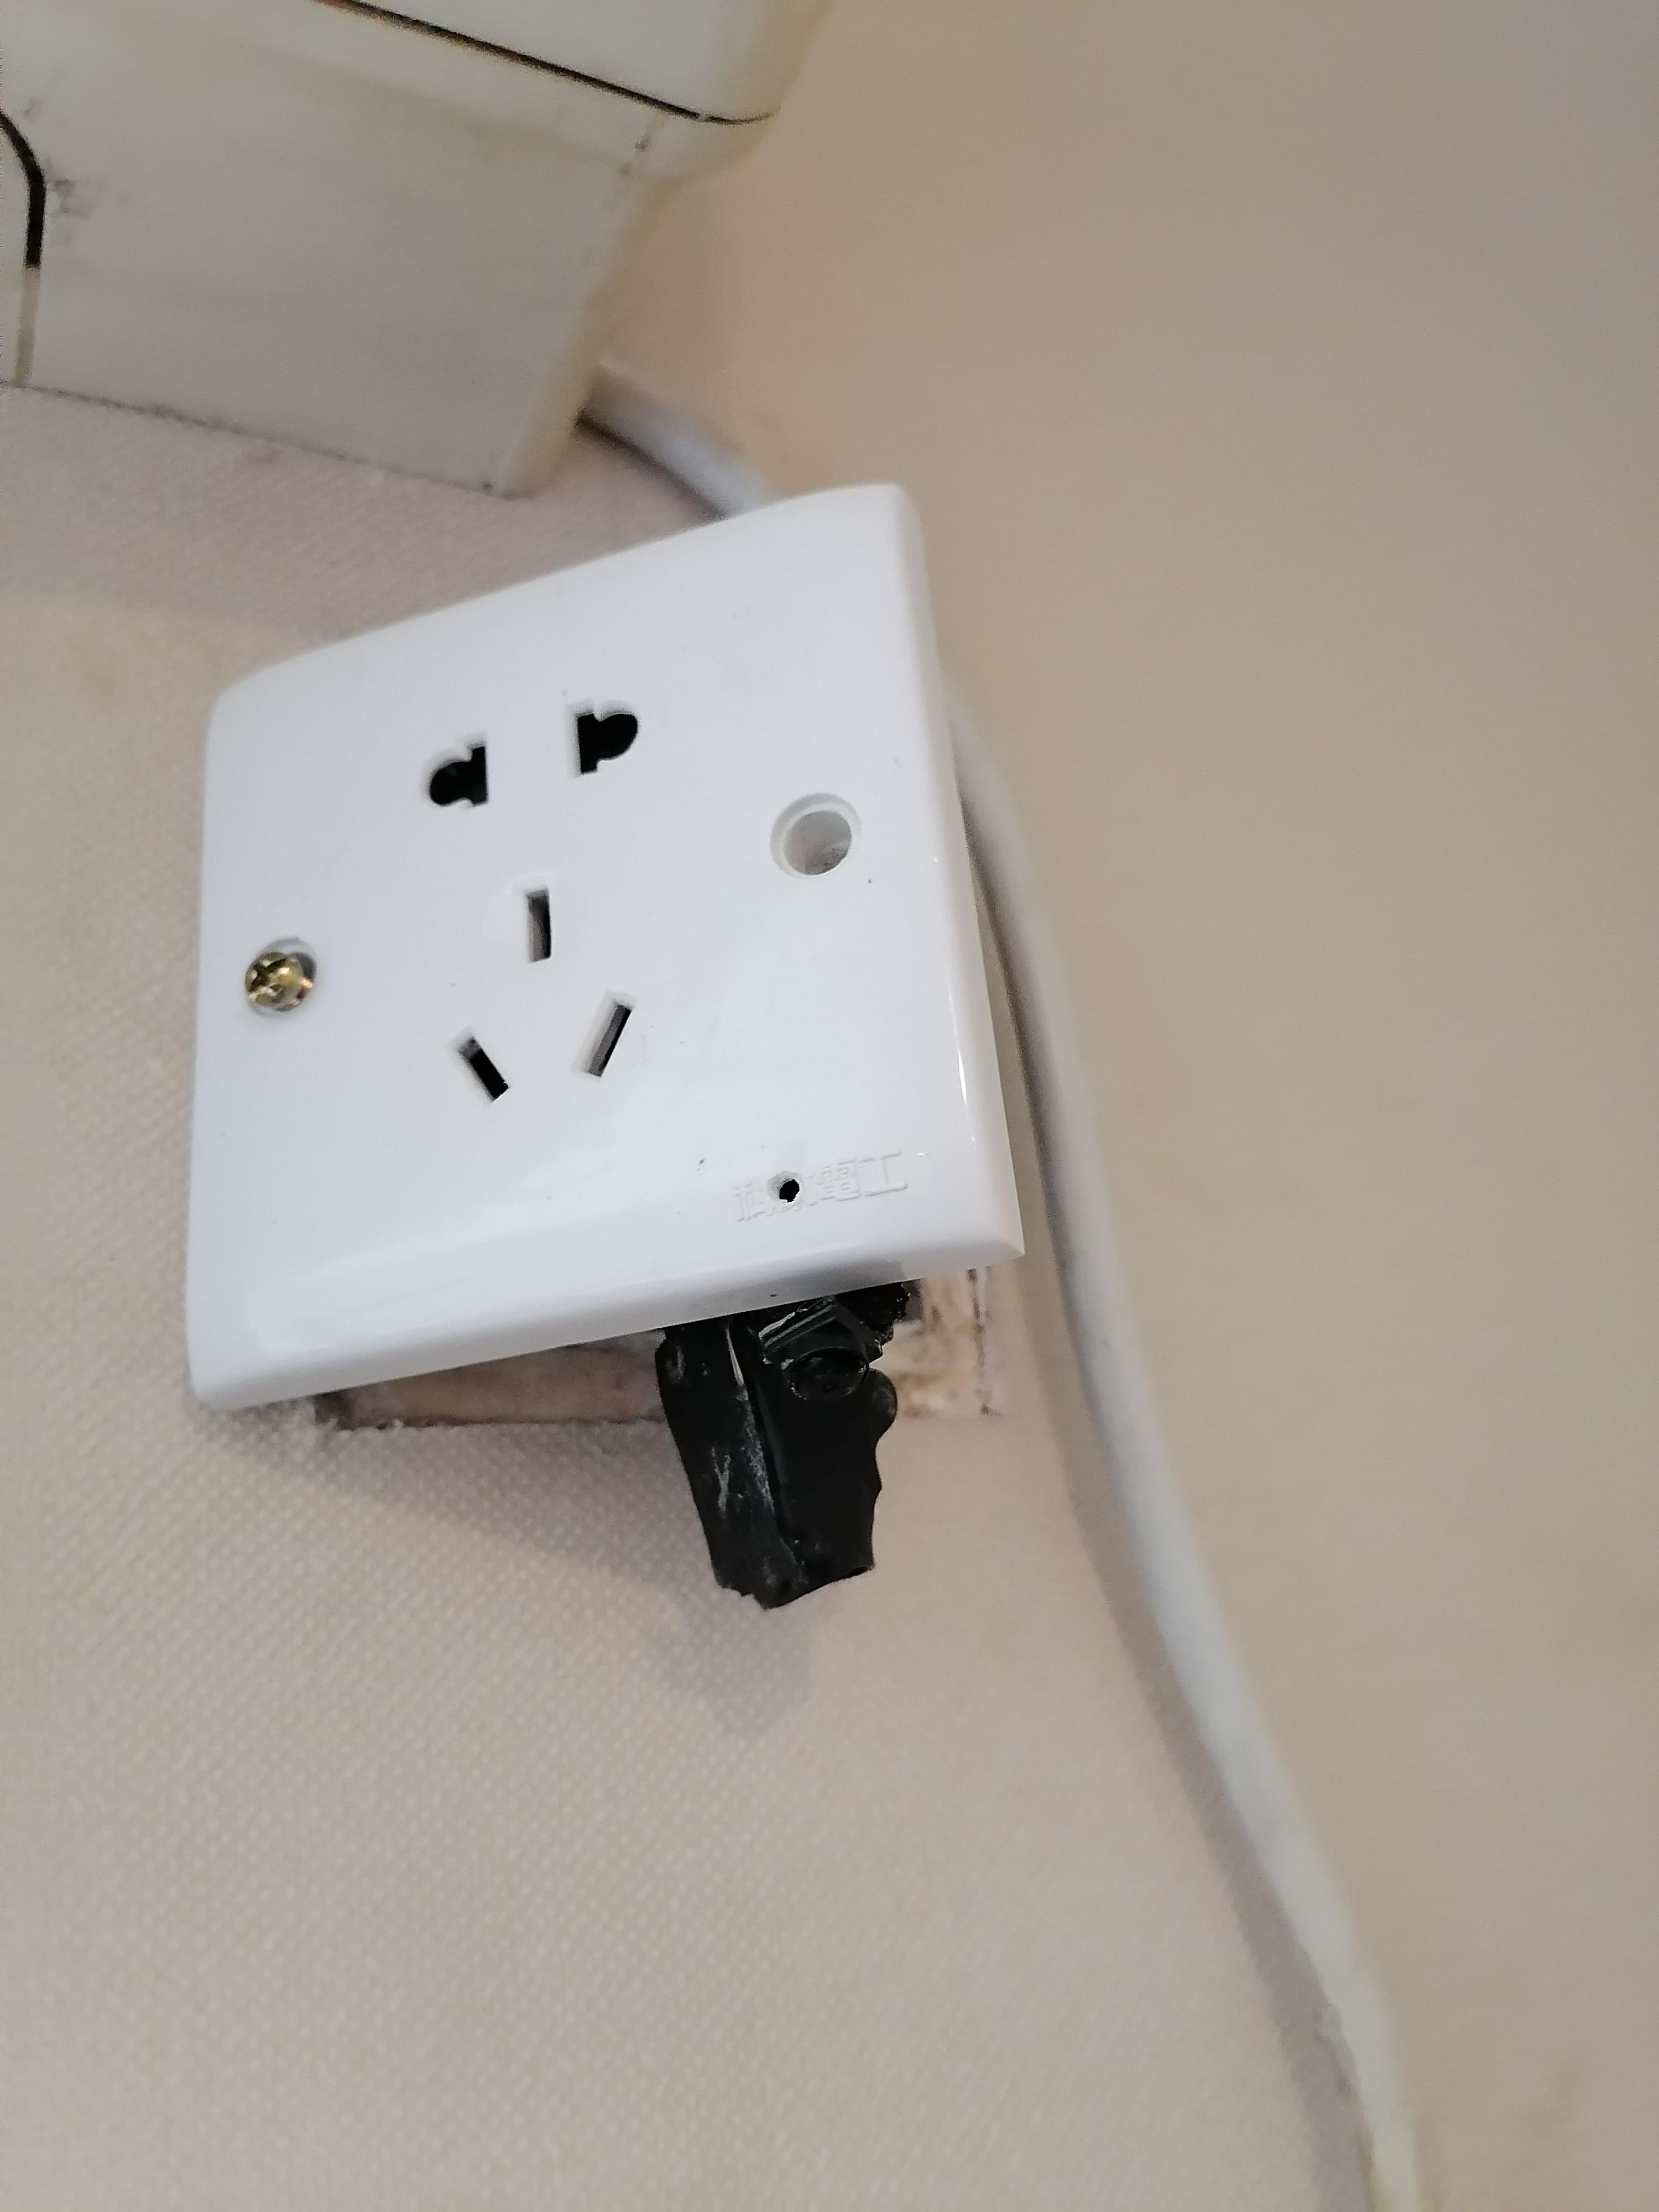 今年5月,小刘及其朋友关空调时,发现插座后有摄像头。本文图片均为受访者供图